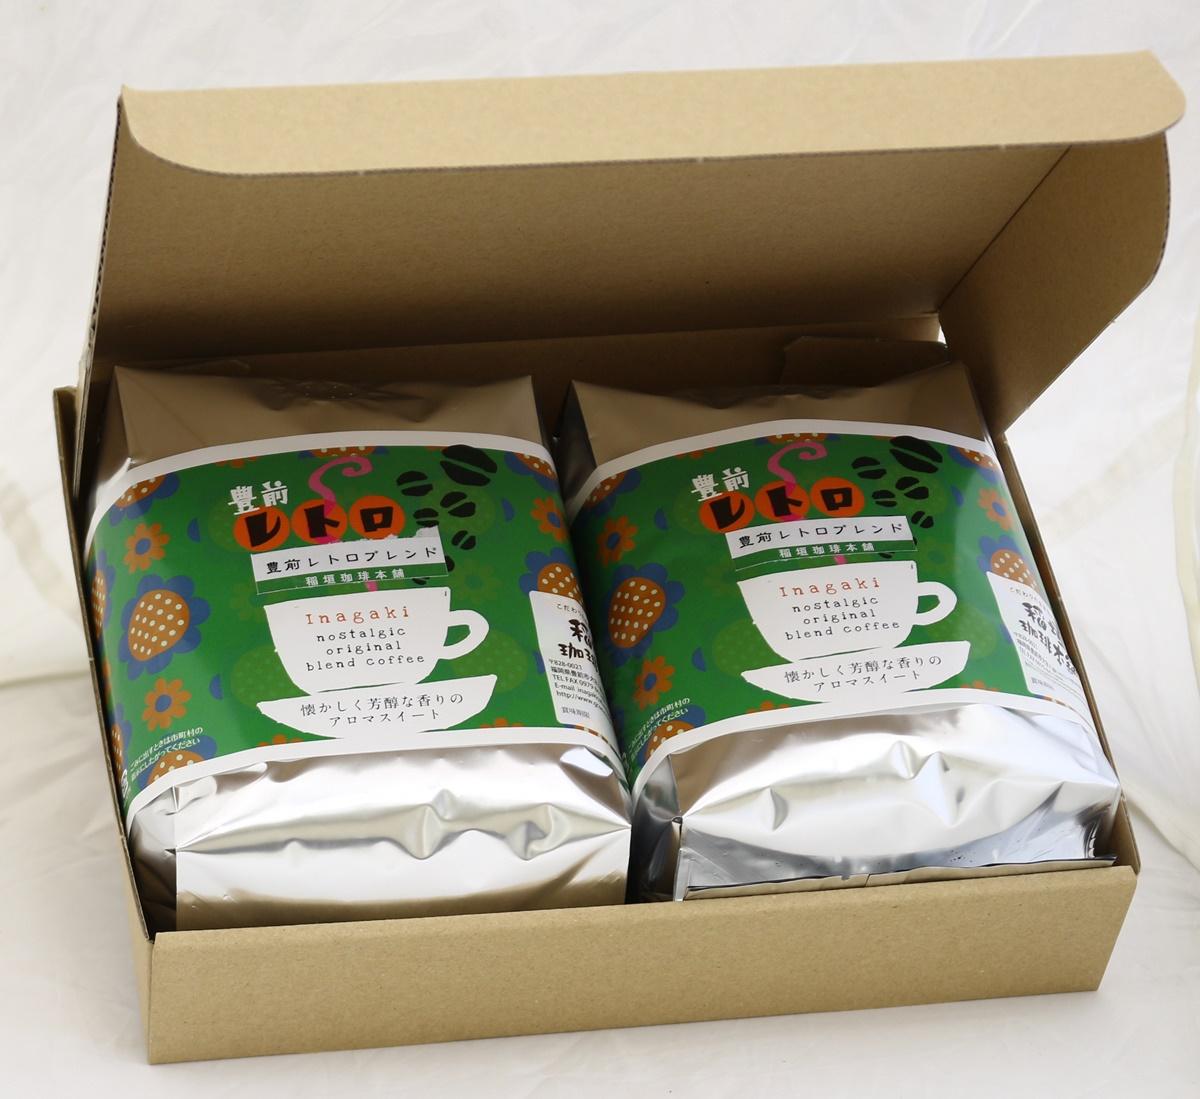 【ふるさと納税】豊前レトロブレンド 豆の状態でお届け(豆)ギフト